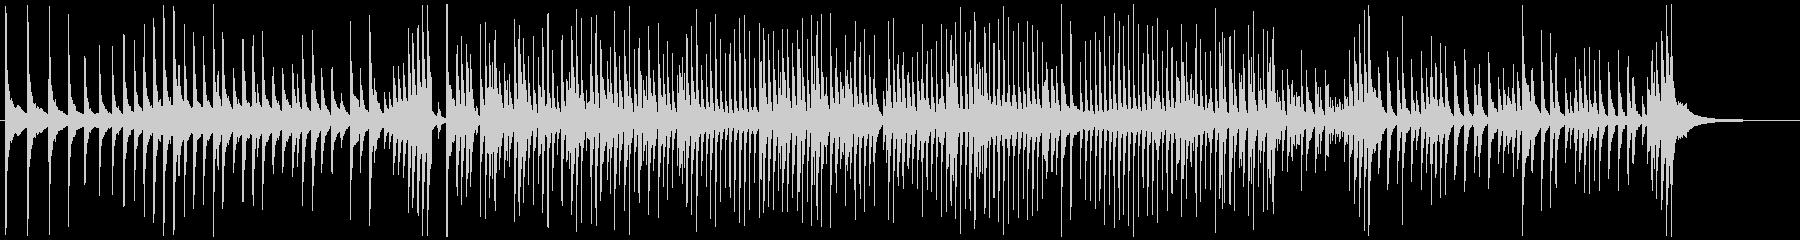 津軽三味線ソロ-H、激しい、疾走、声入りの未再生の波形